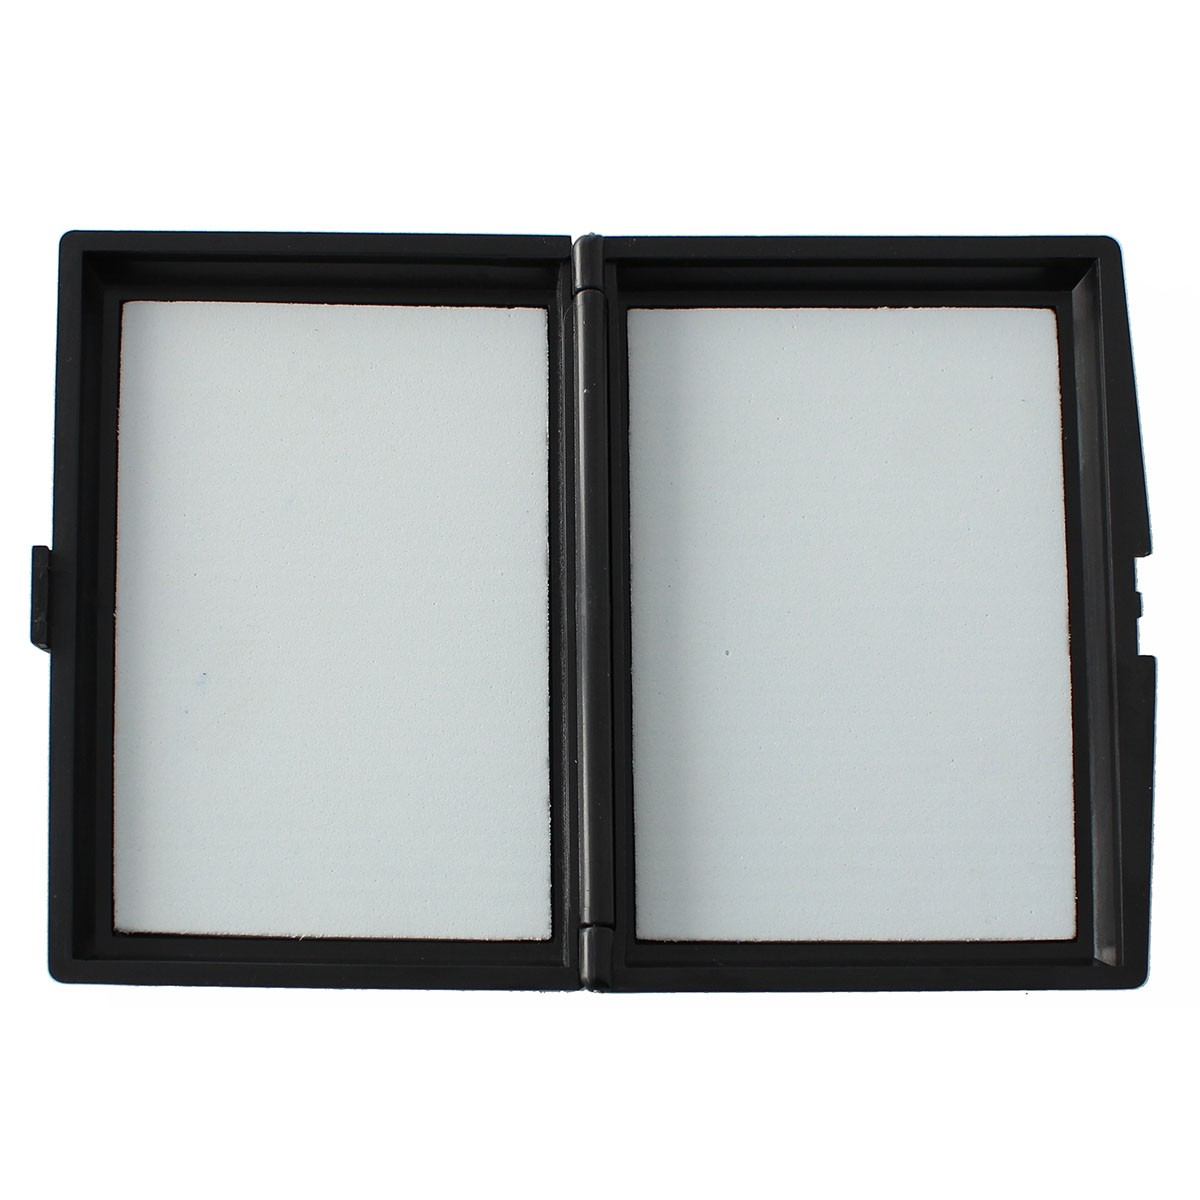 Двустранна кутия за блесни и мухи Vega